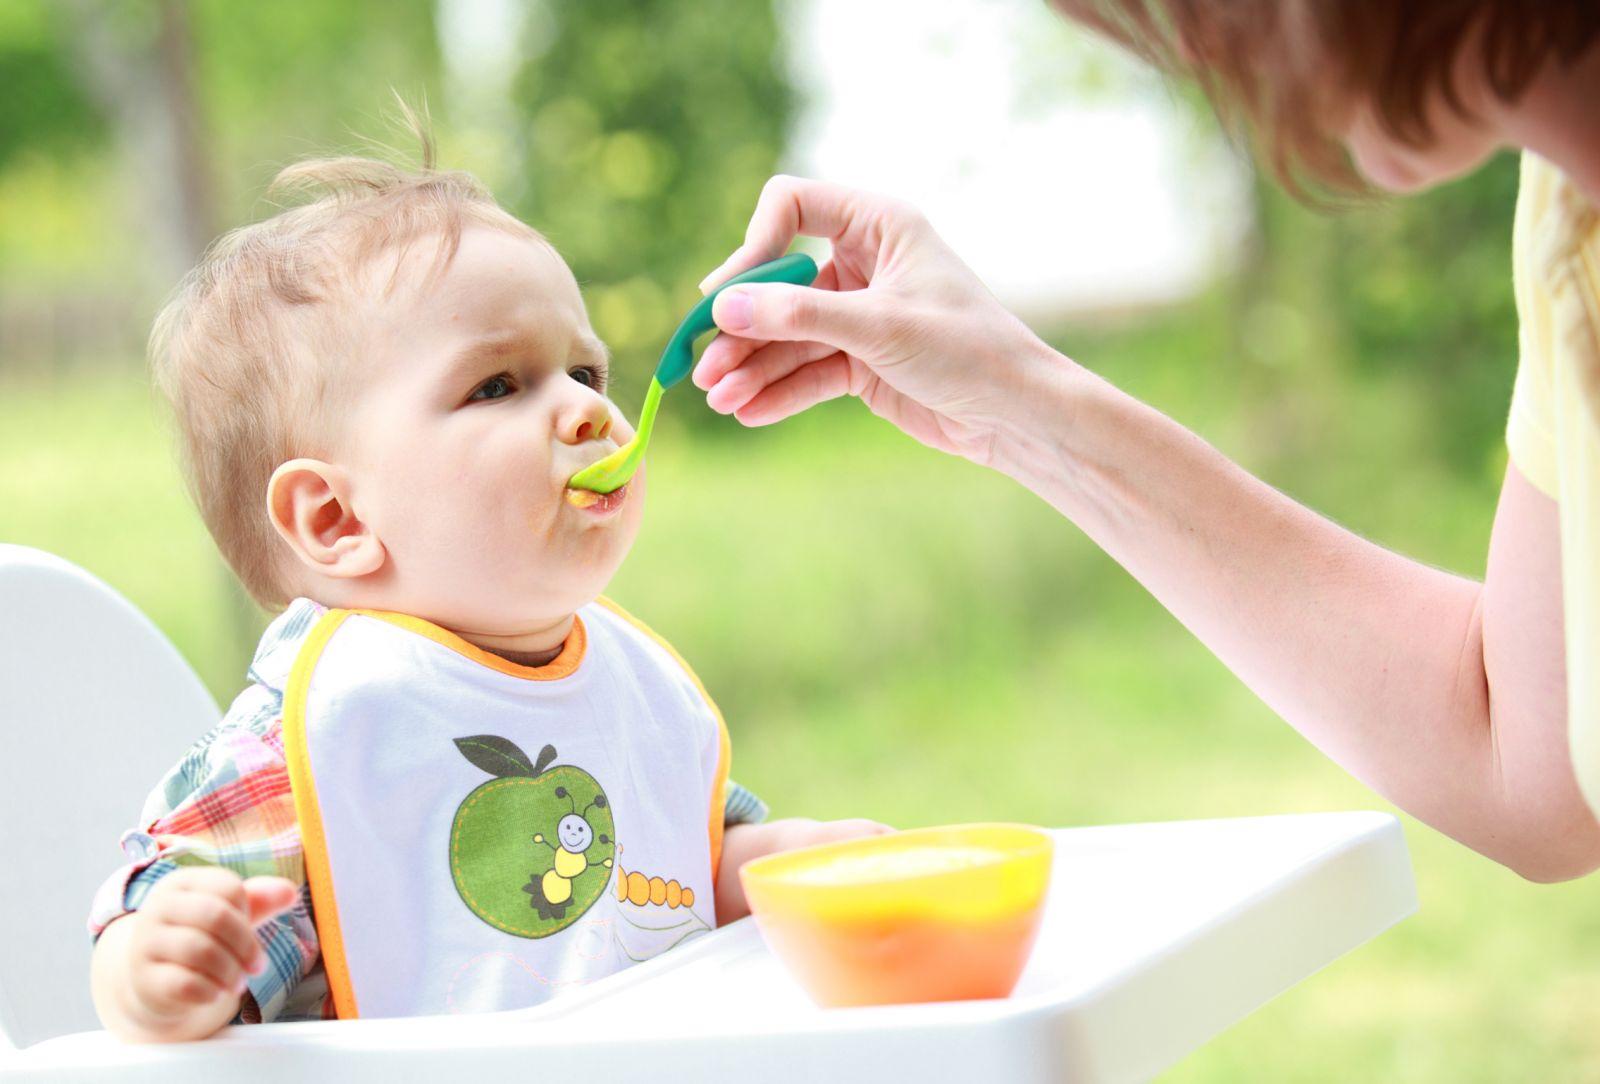 Chia sẻ kinh nghiệm tăng thô thức ăn cho bé trong từng giai đoạn